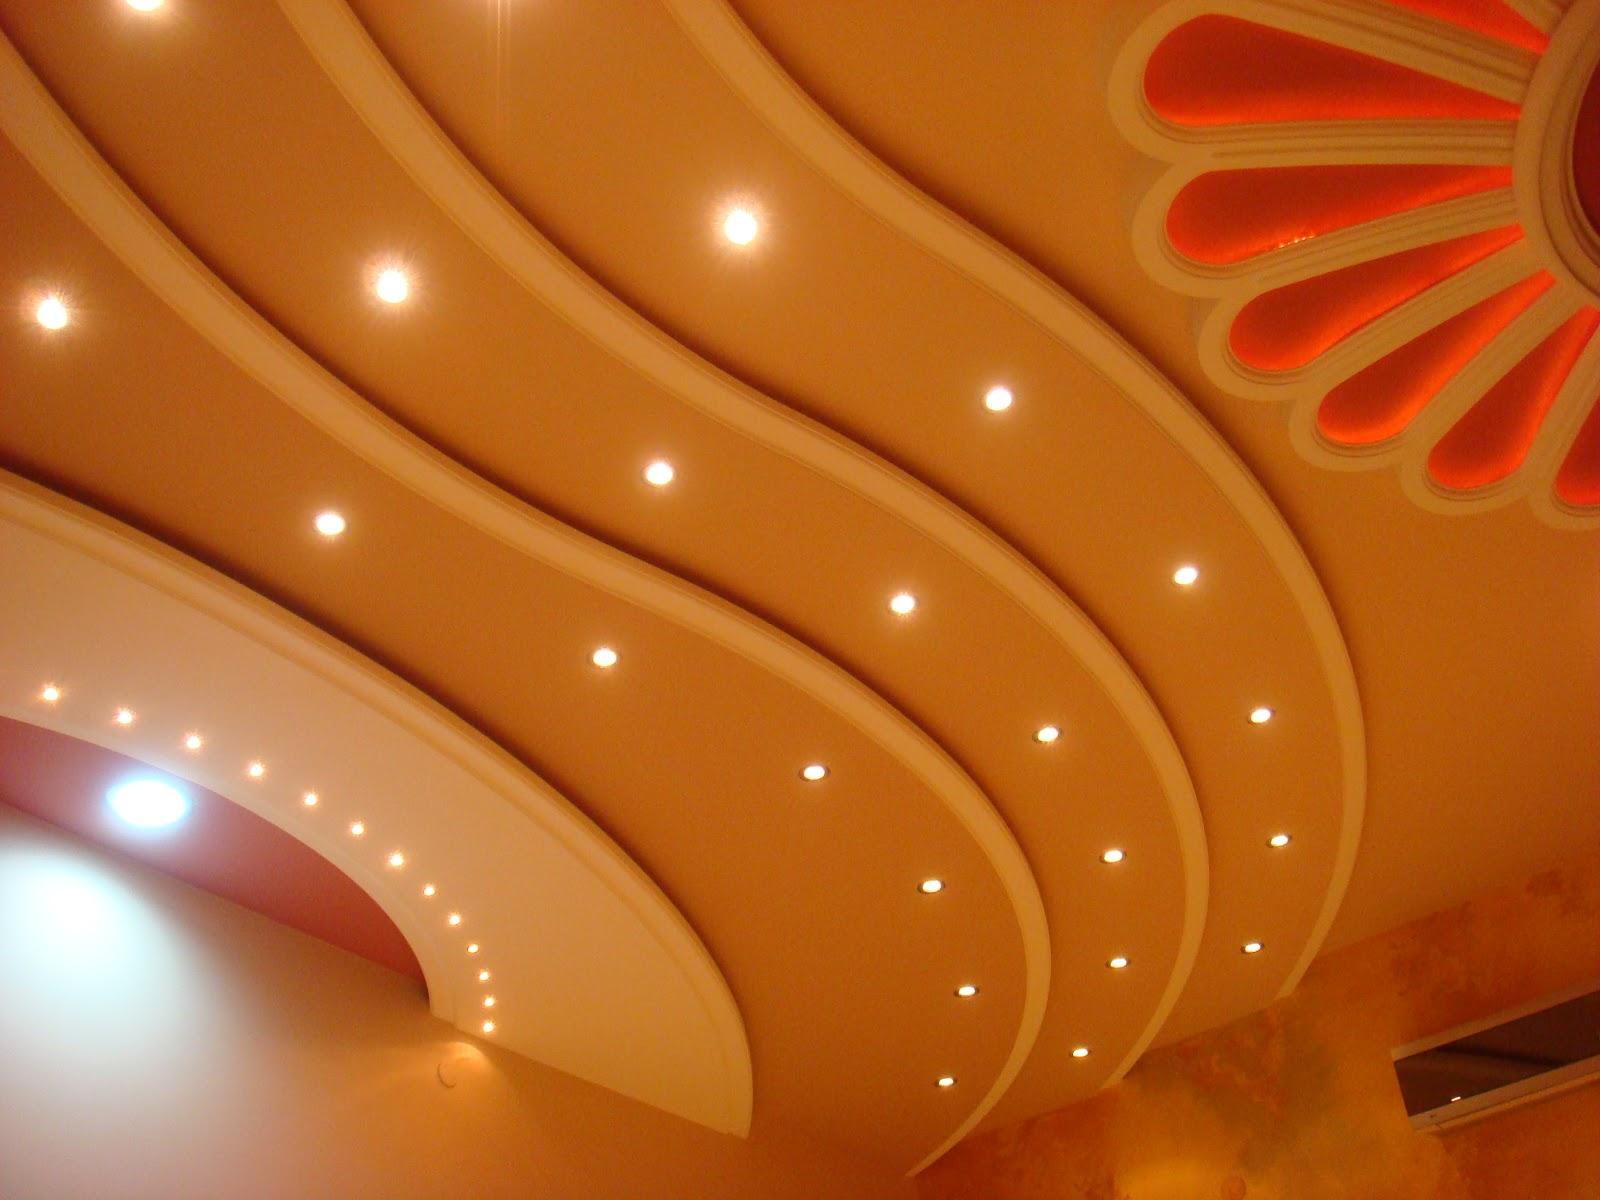 led plafond platre. Black Bedroom Furniture Sets. Home Design Ideas